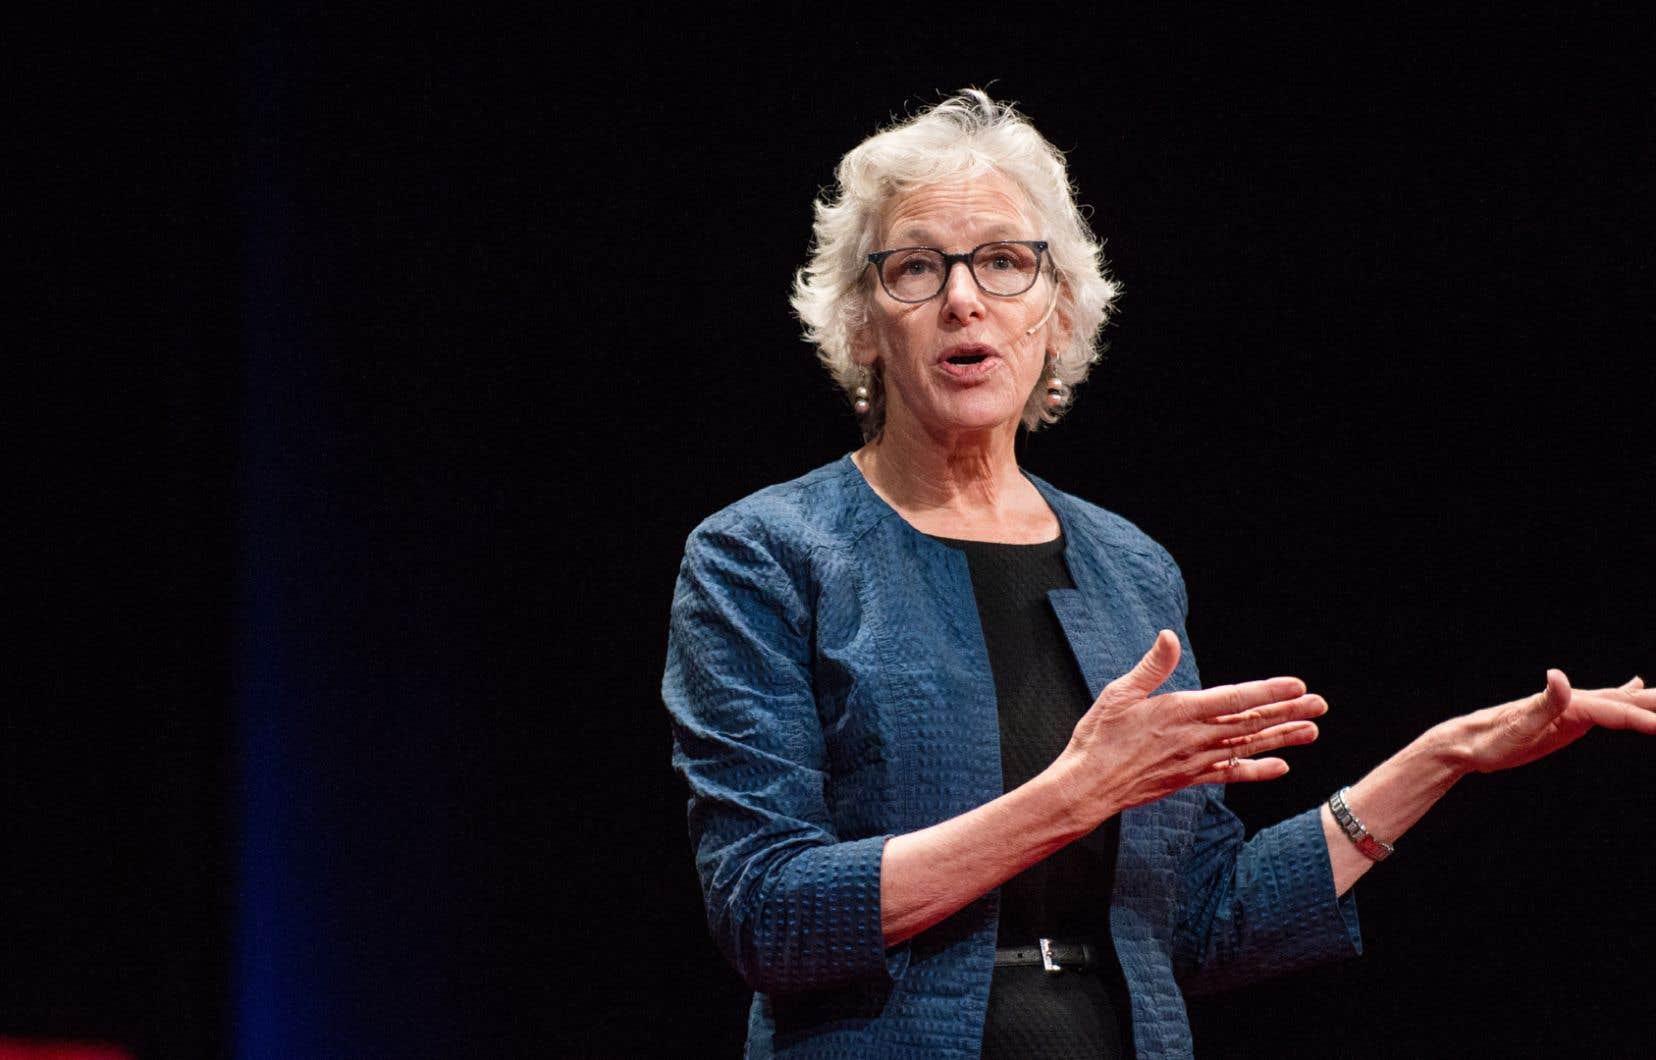 Joan C. Williams, professeure émérite de droit à l'Université de Californie, rappelle que les deux tiers de la population américaine n'ont pas de diplôme universitaire.